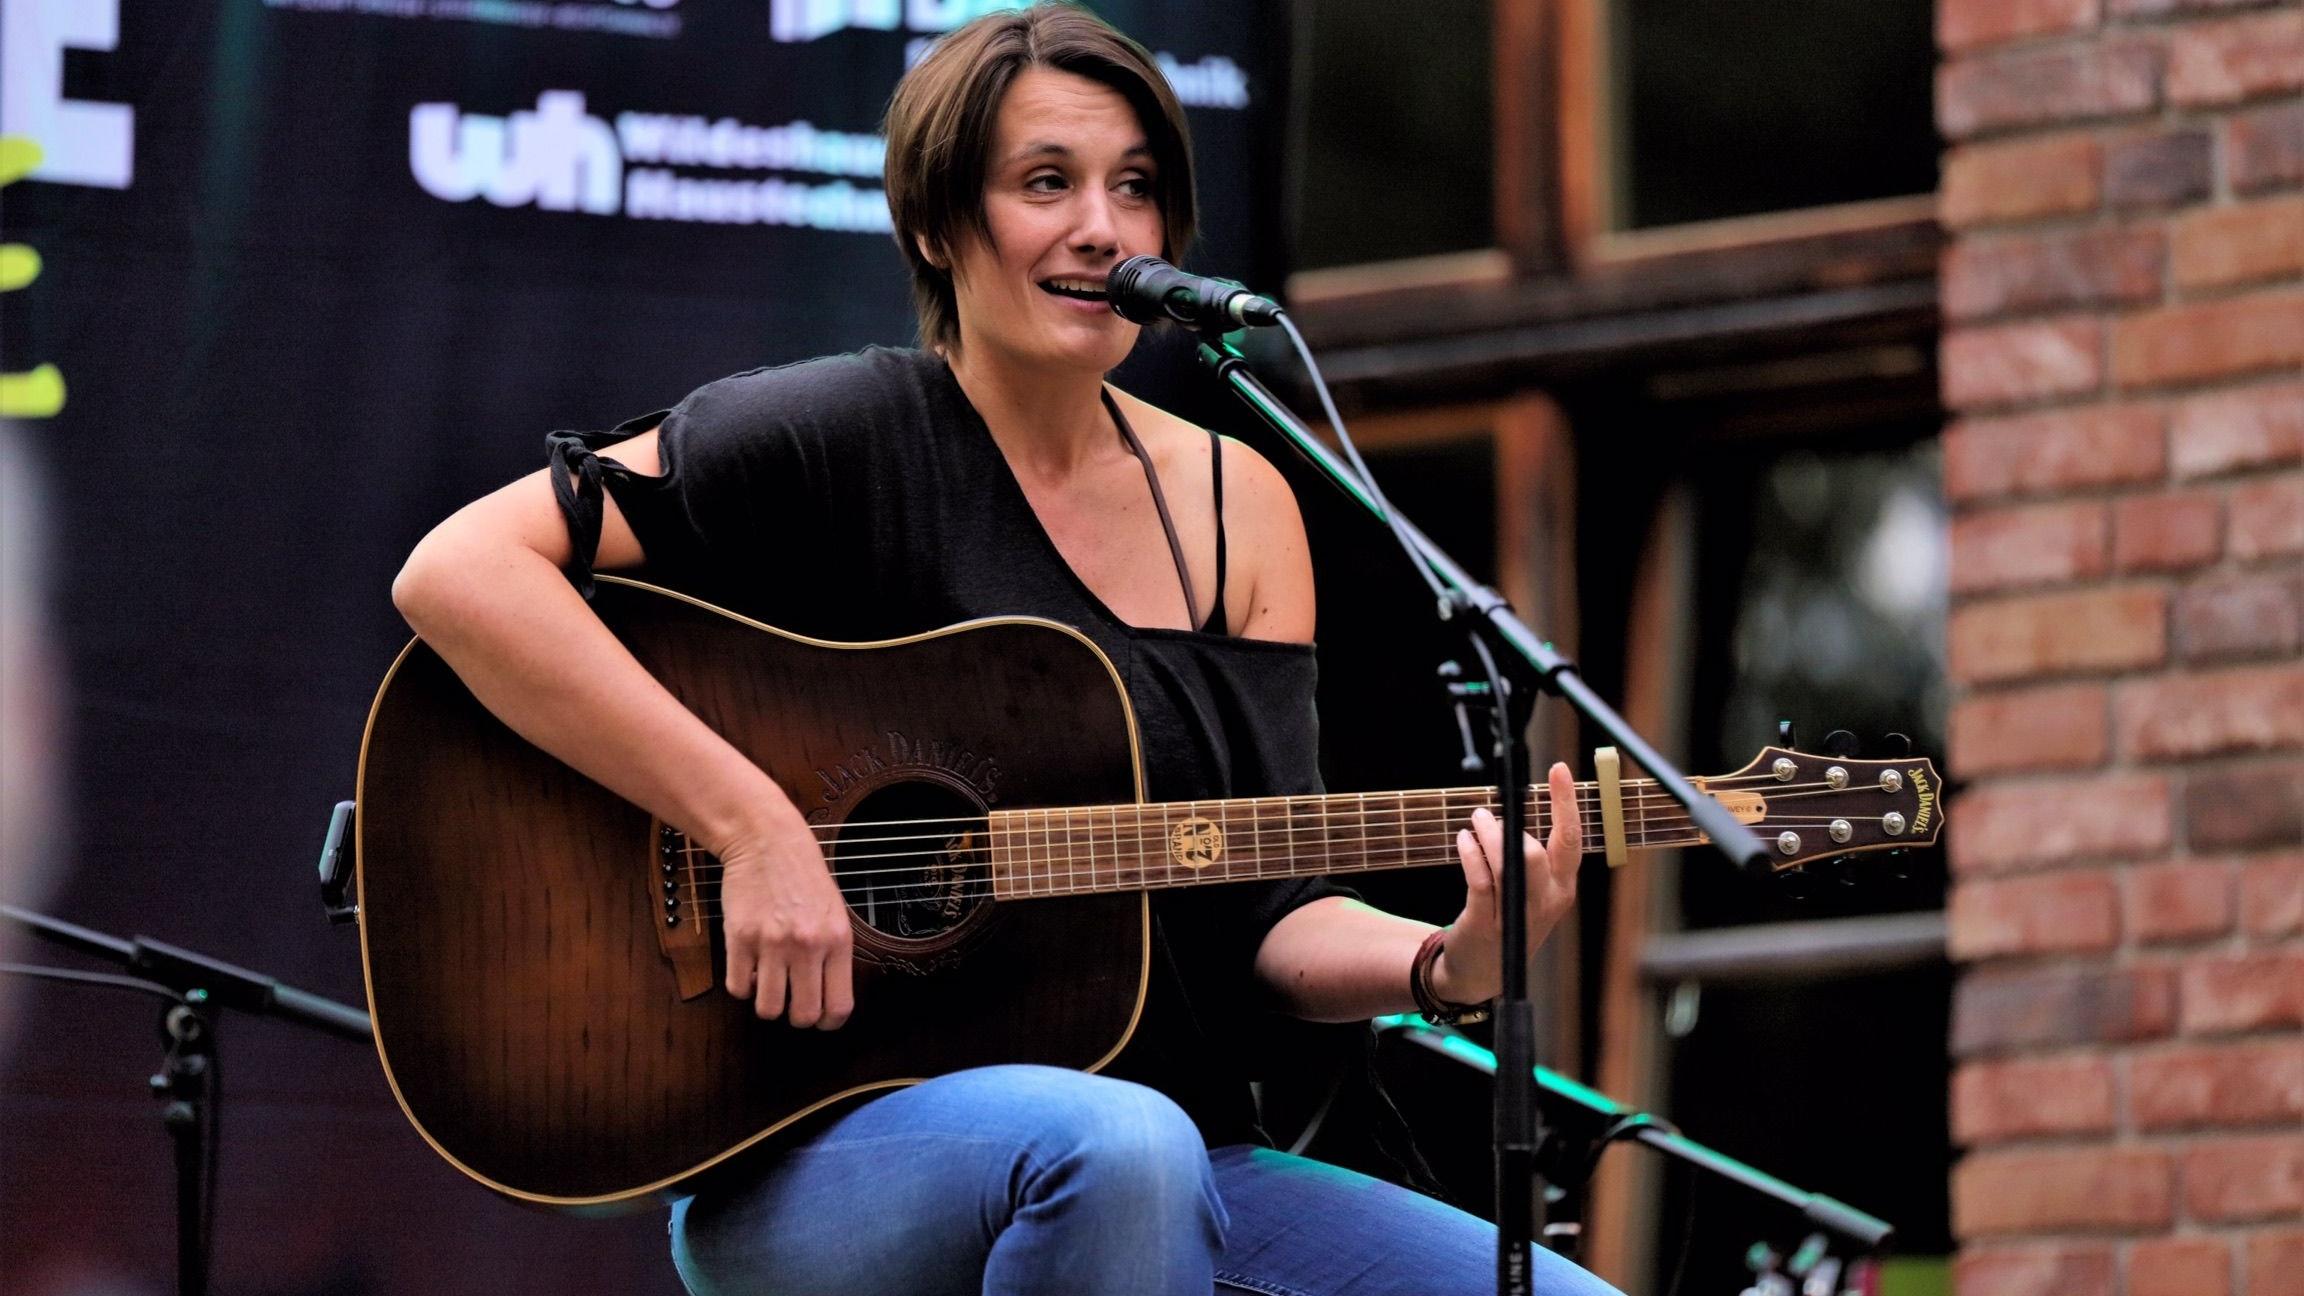 Freut sich auf Lastrup: Sandra Otte gastiert am 11. Juni in der Kulturscheune. Foto: Heinz-Werner Vesting